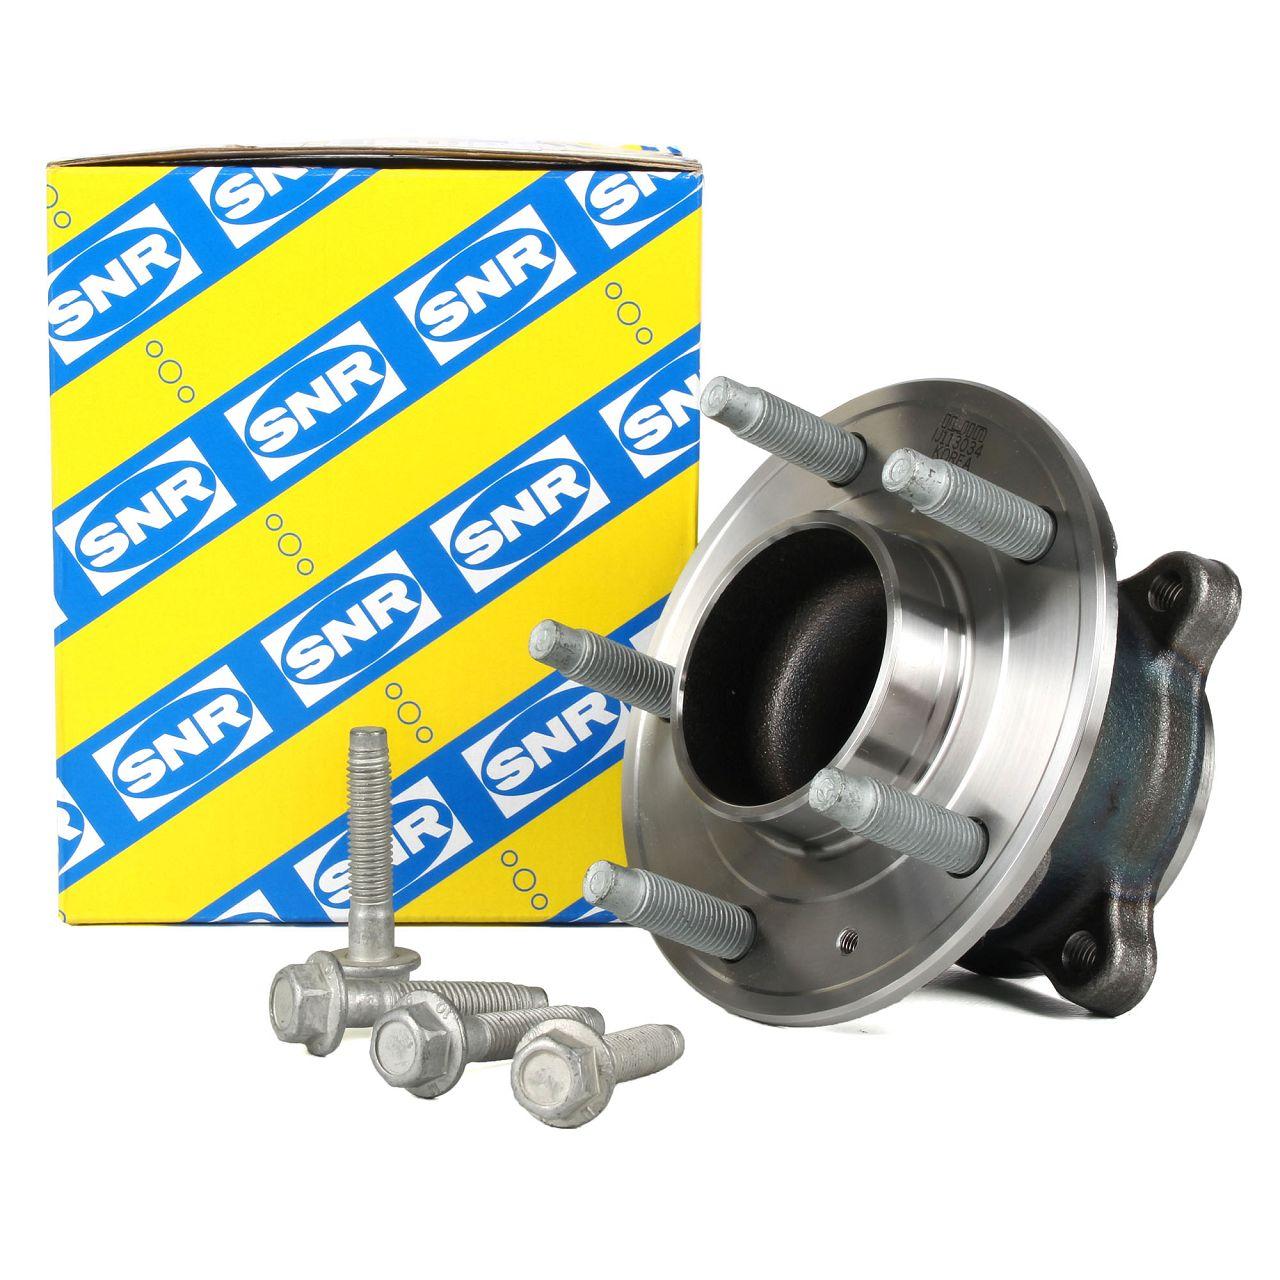 SNR R153.69 Radnabe Radlagersatz für OPEL ASTRA J CASCADA ZAFIRA TOURER C hinten